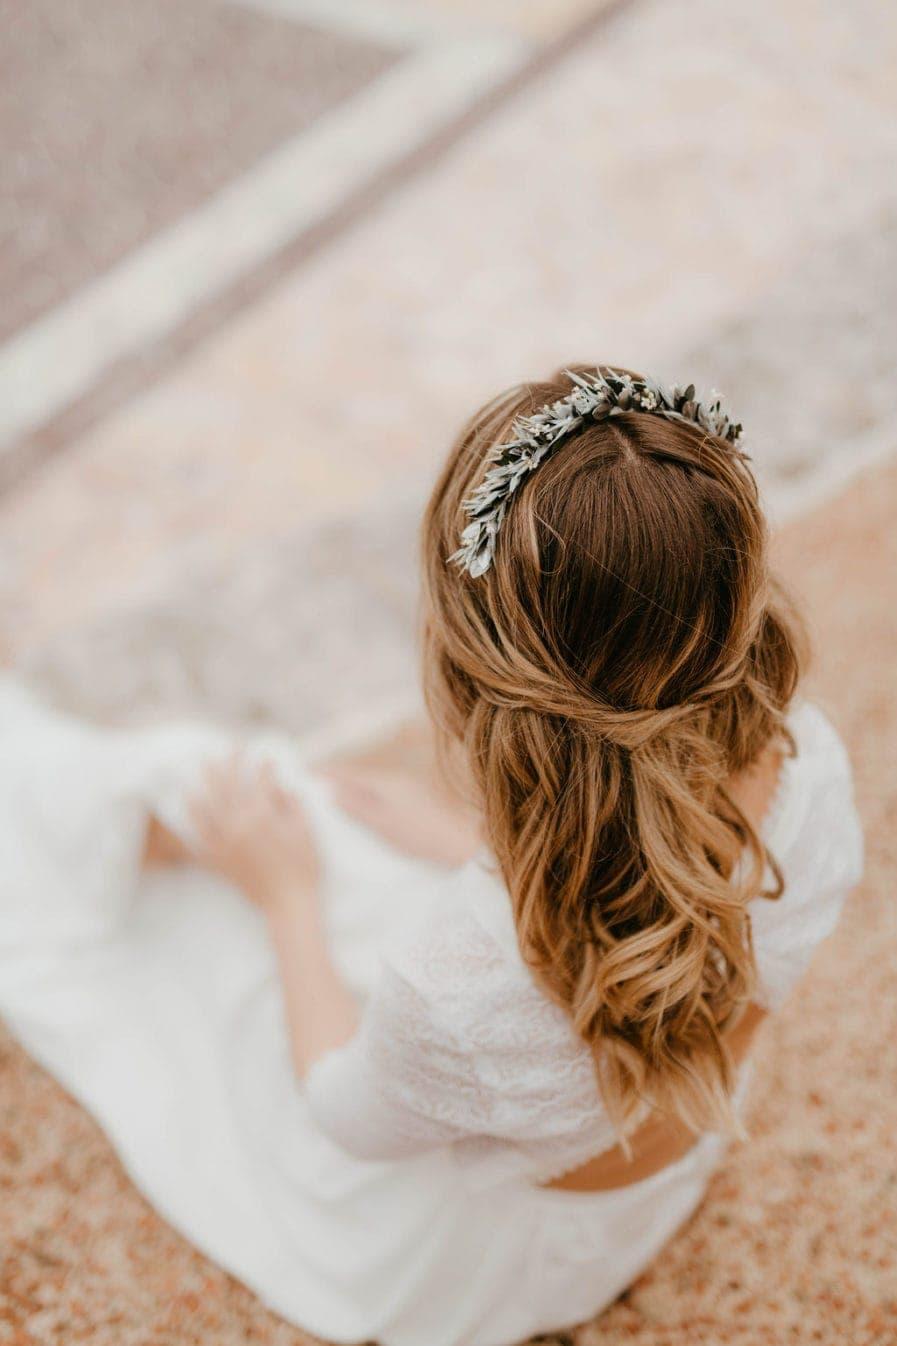 Headband de fleurs Turquin - Les Fleurs Dupont - Anaïs Nannini - Tons bleus et argentés